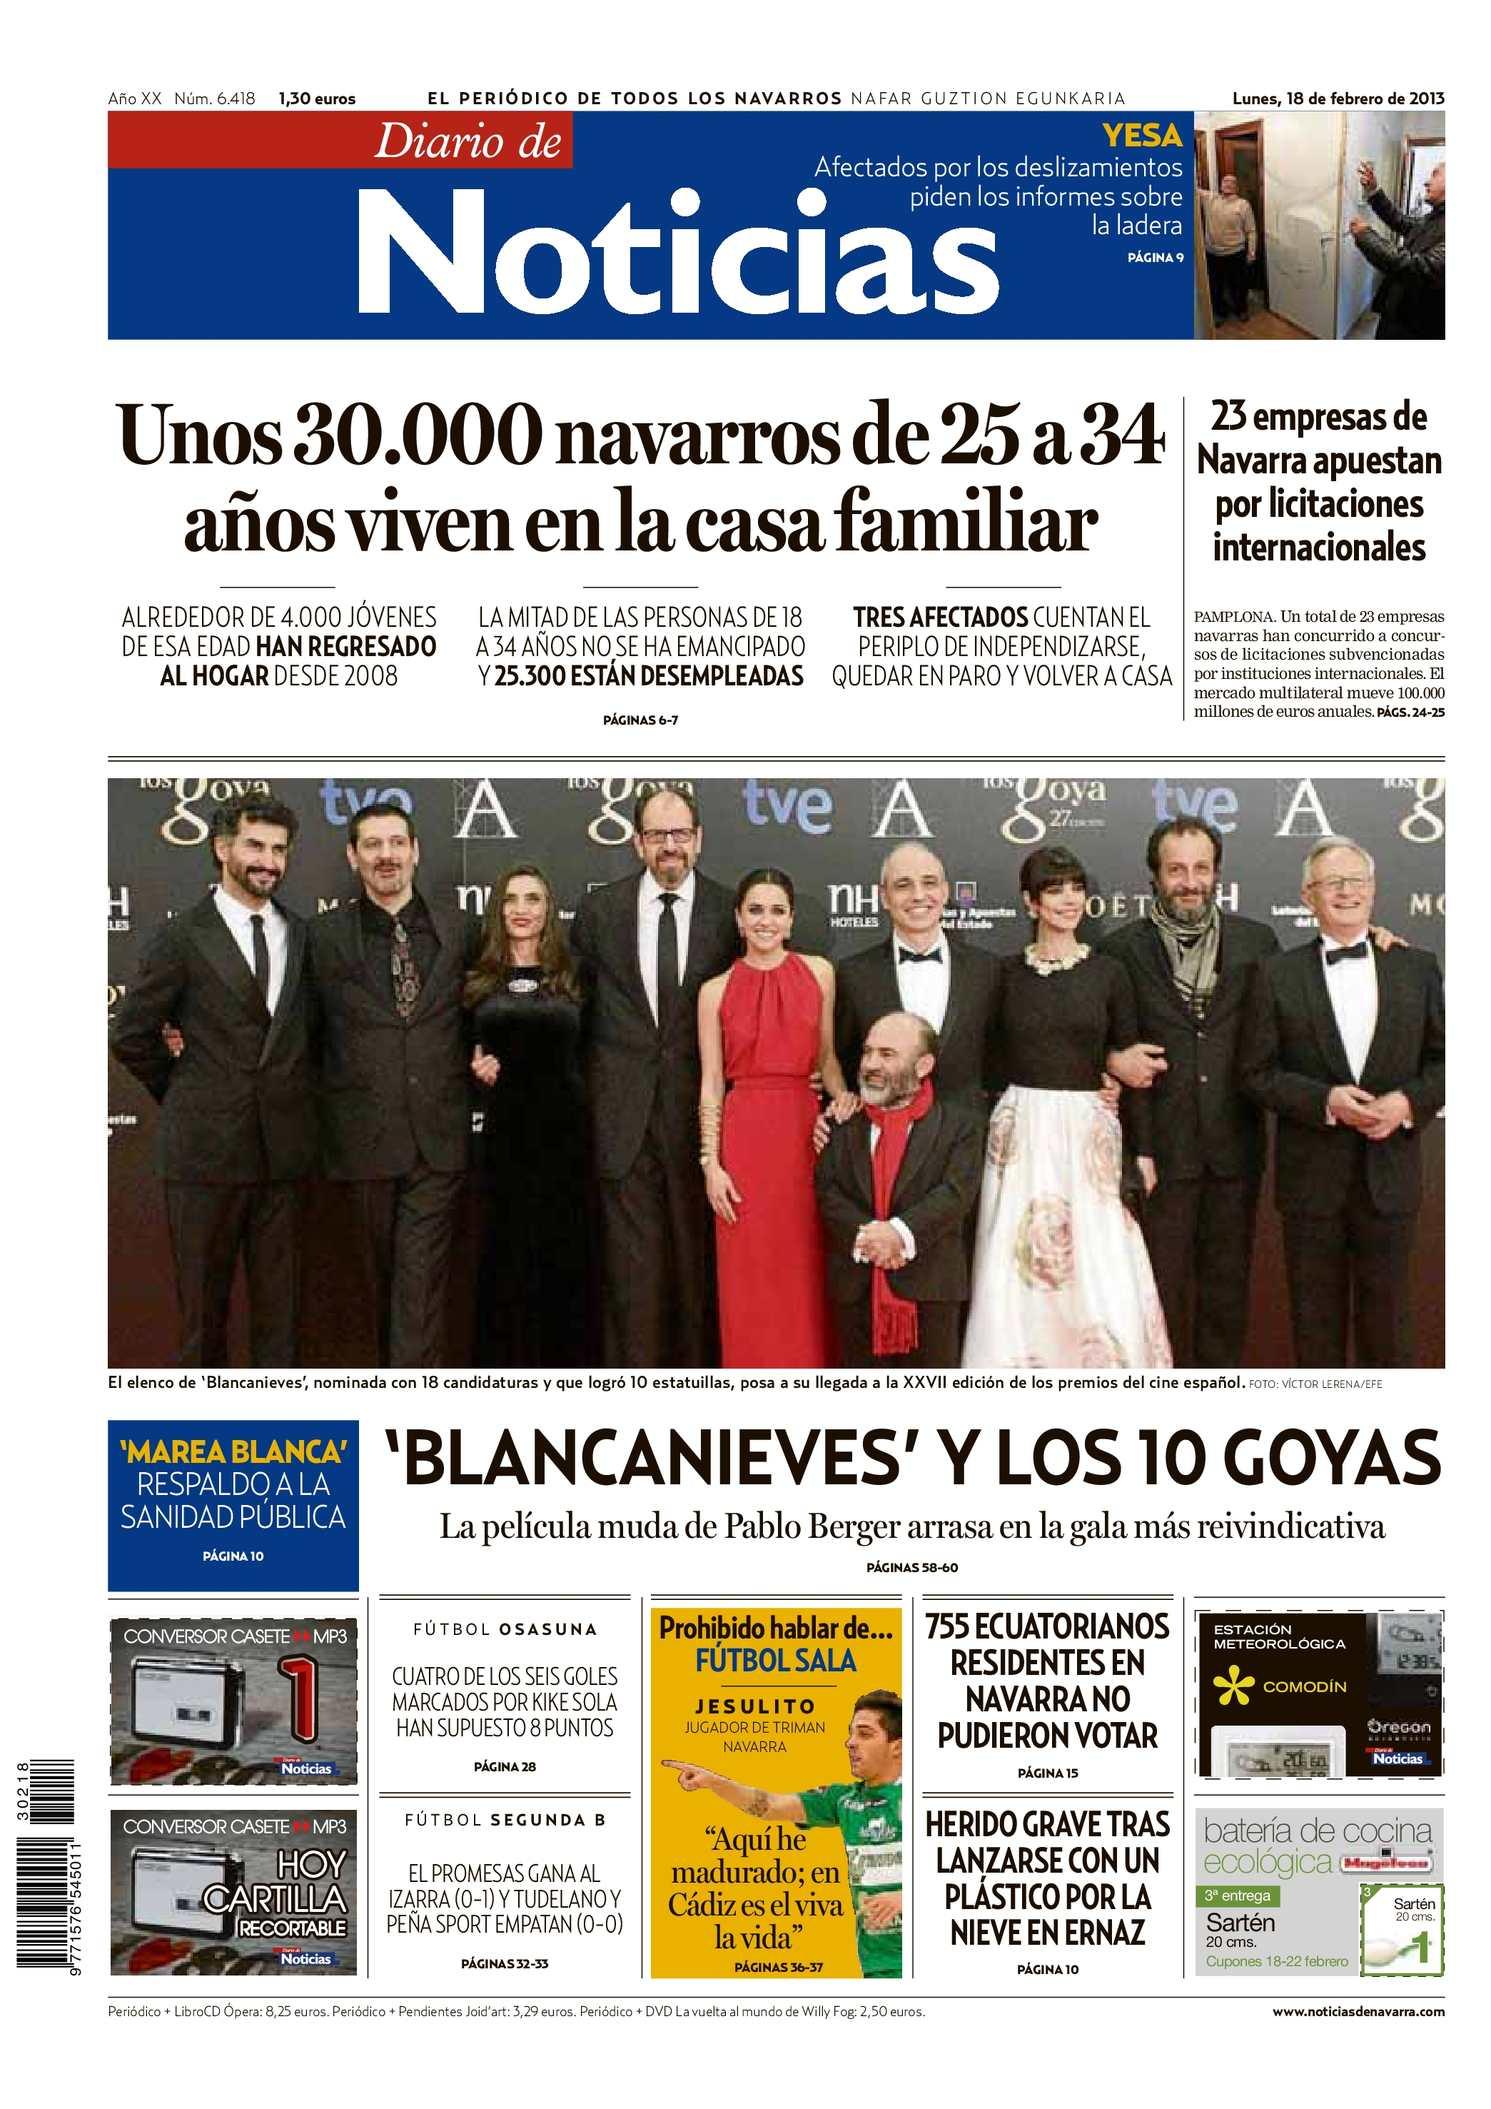 Calaméo - Diario de Noticias 20130218 0b36969e57f12